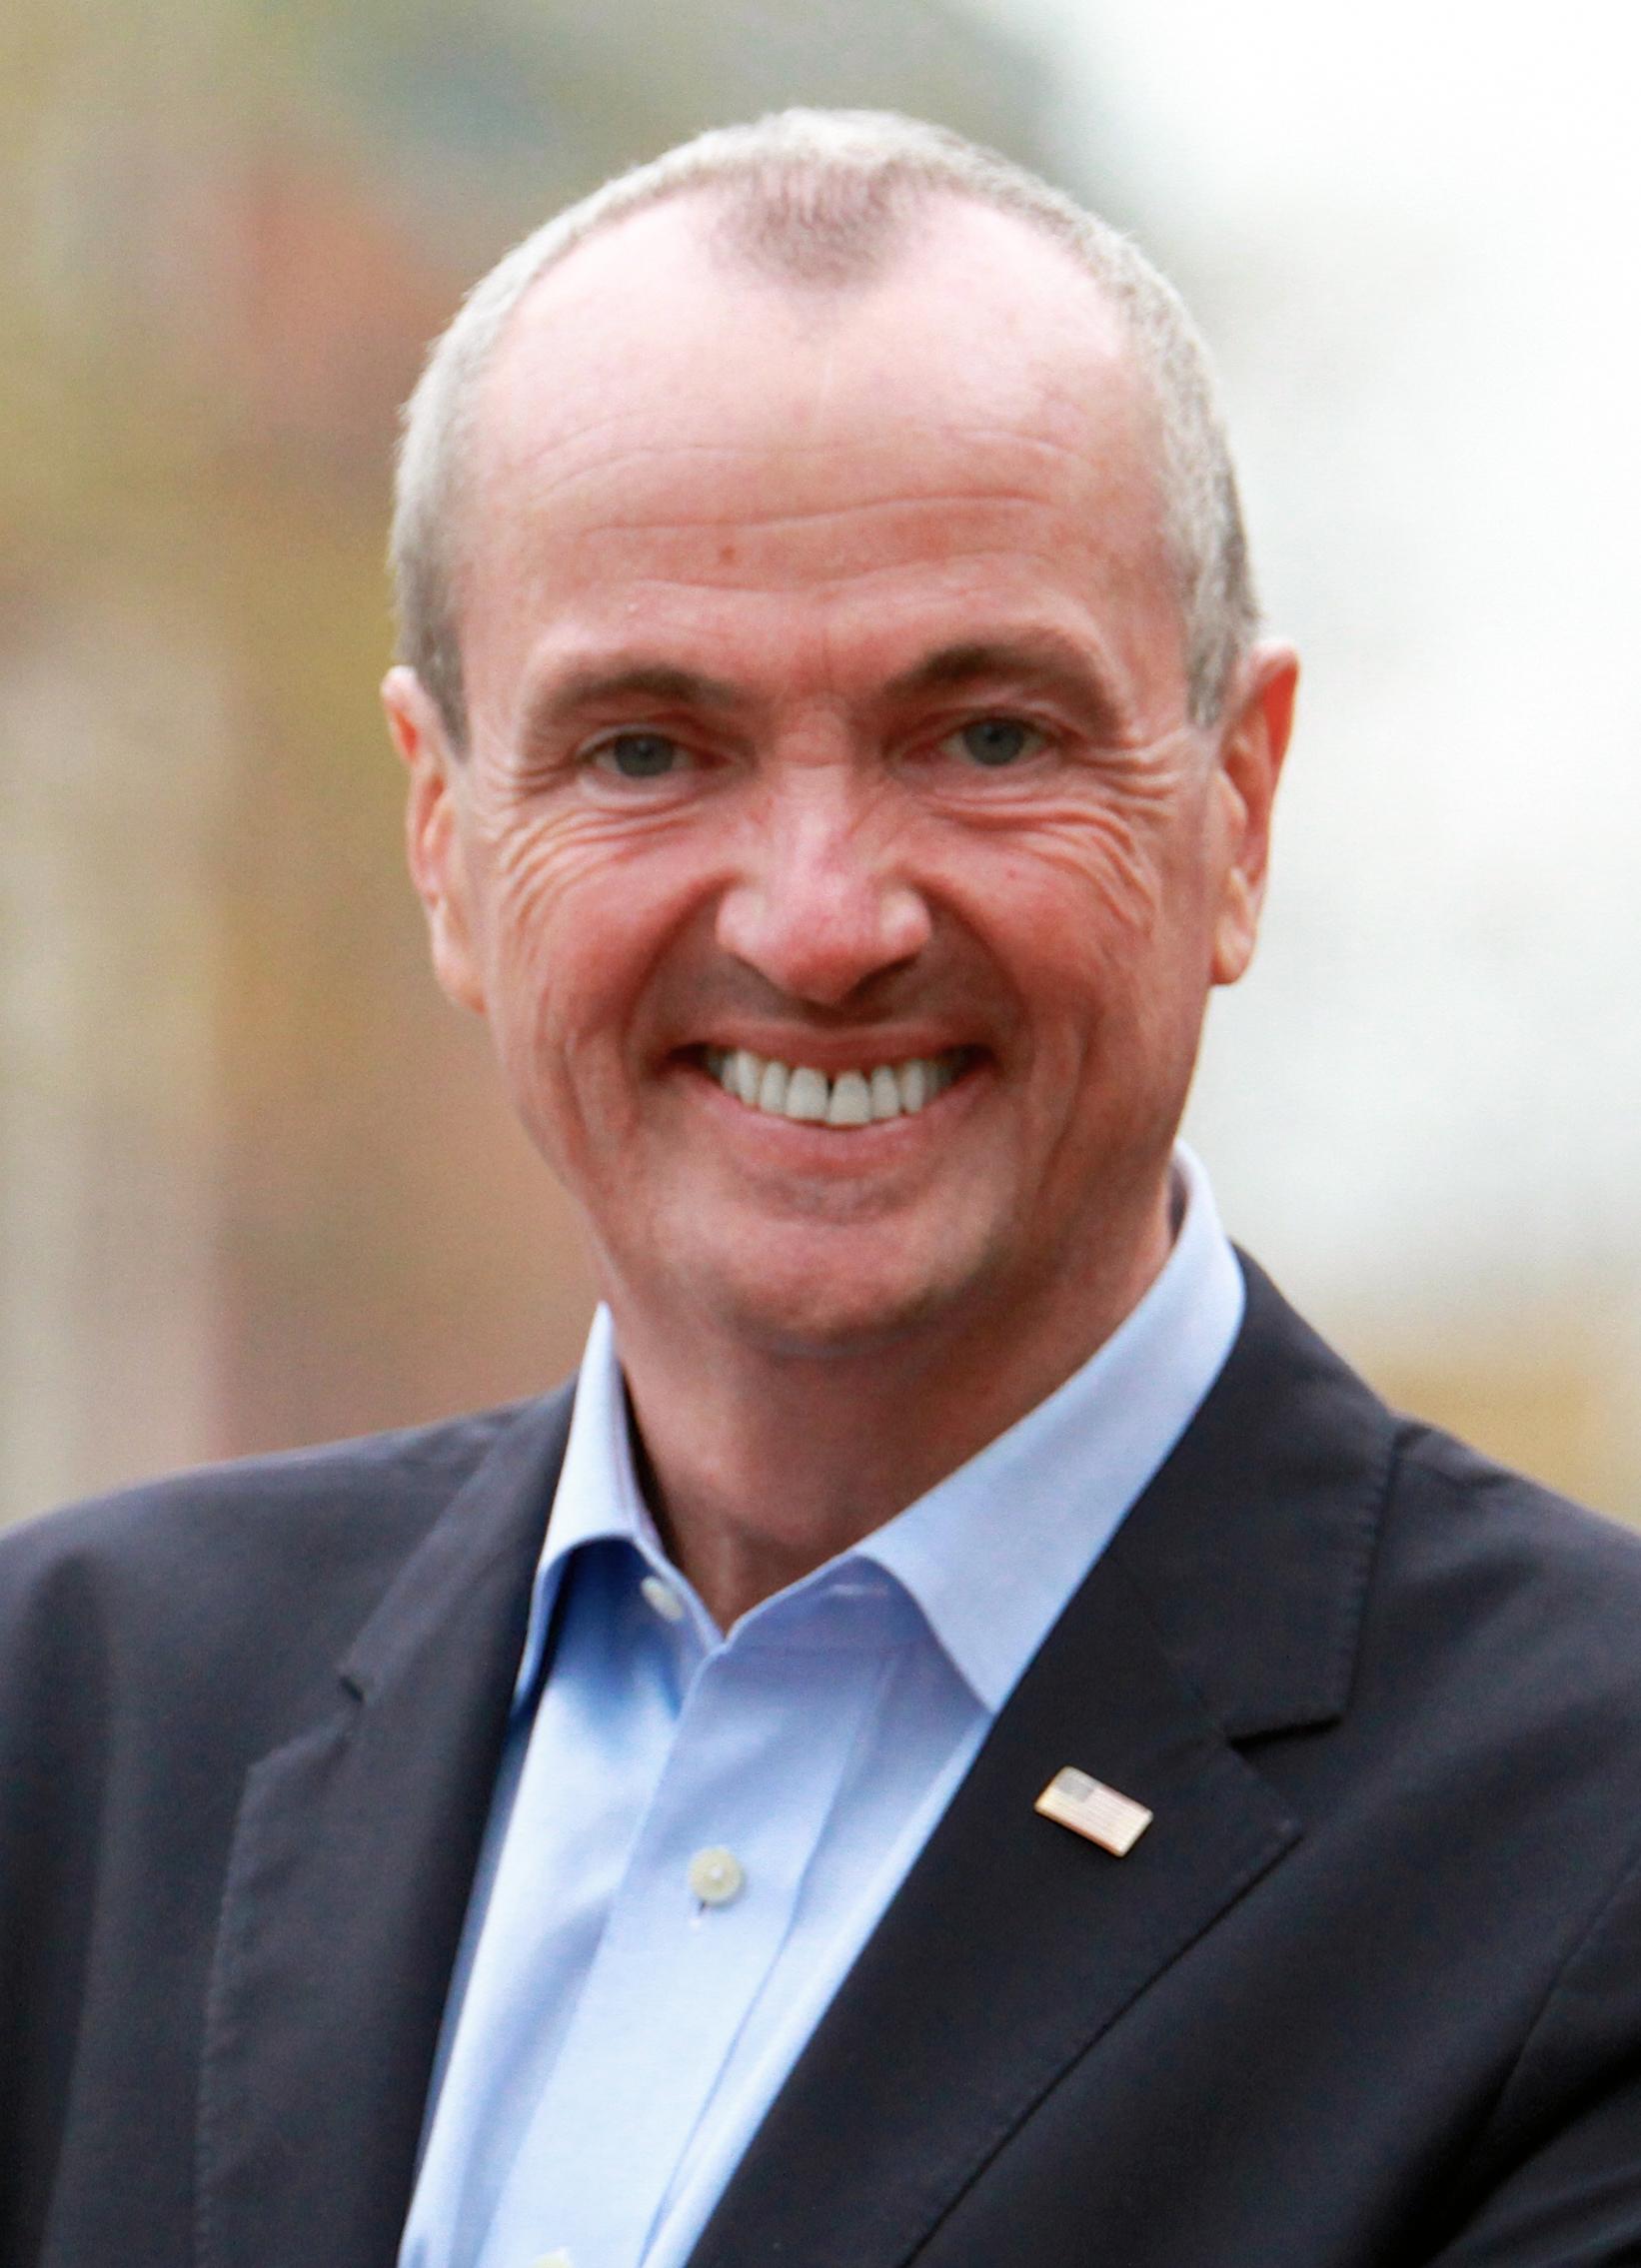 2017 New Jersey gubernatorial election - Wikipedia